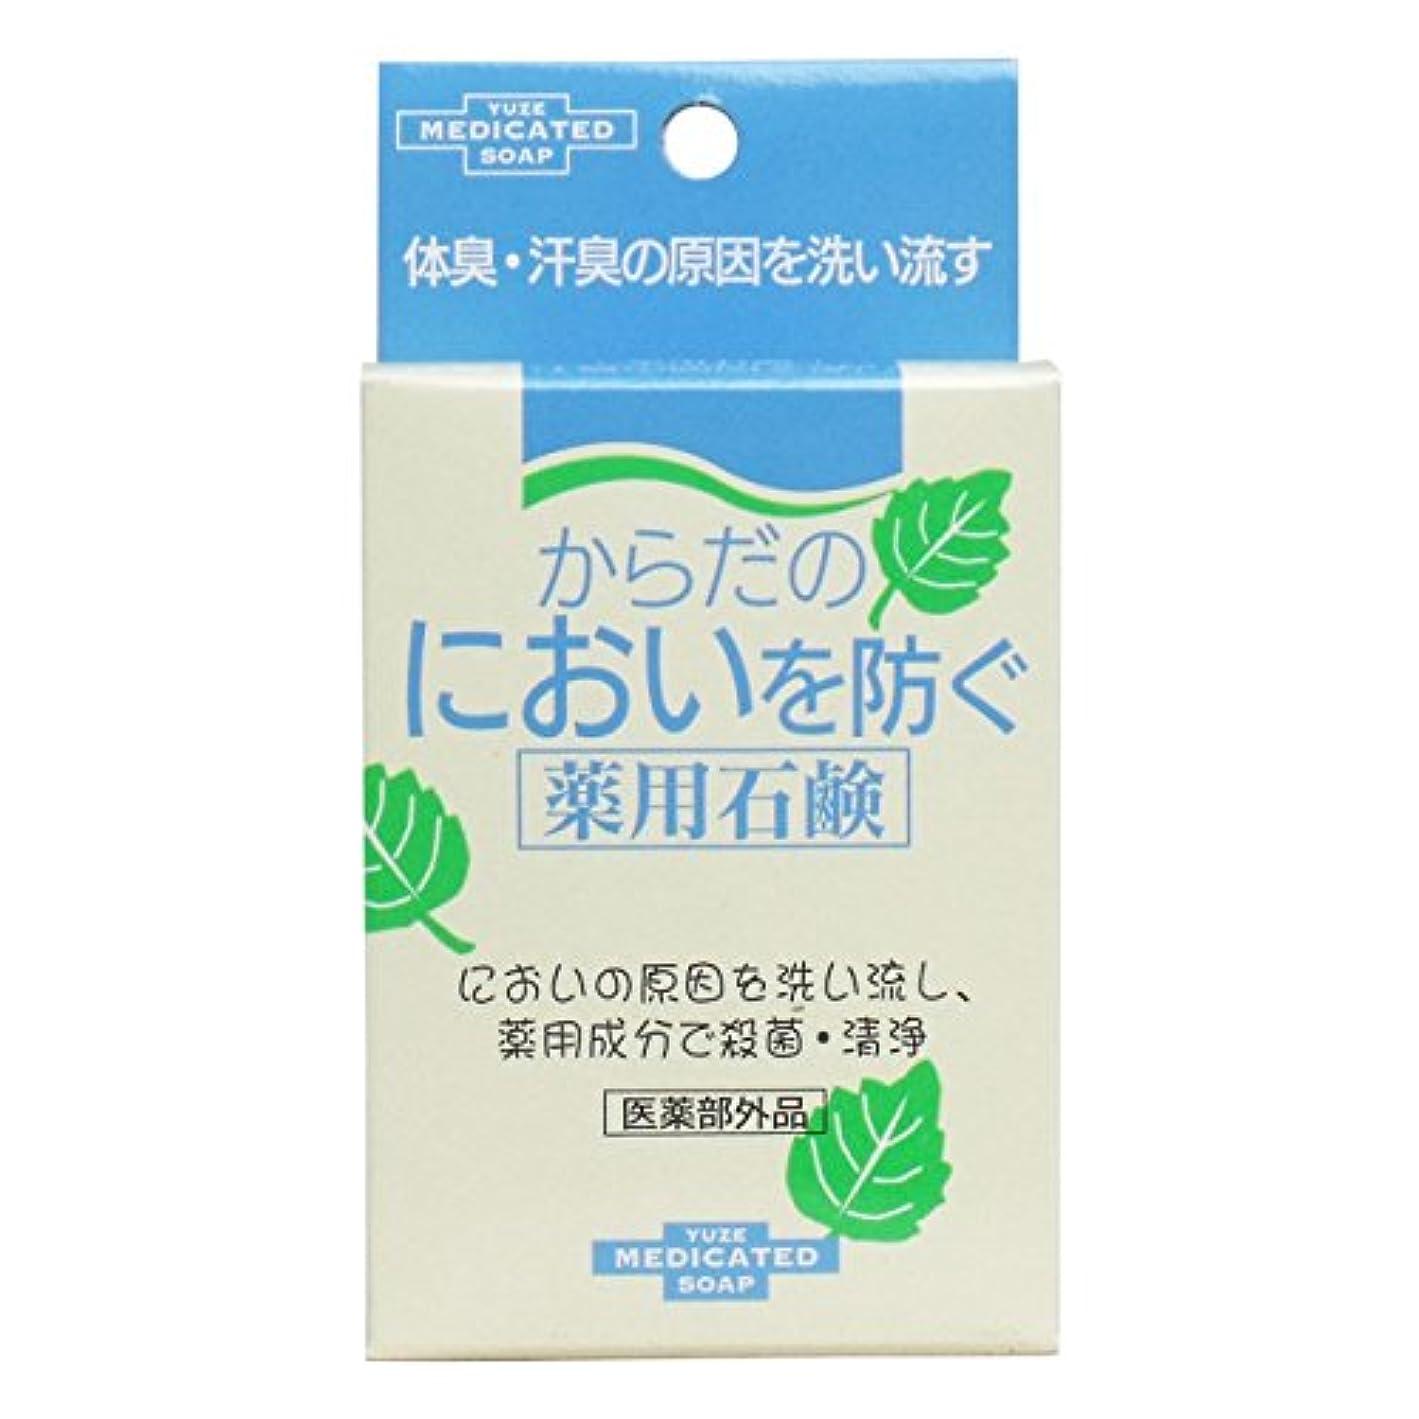 安定しましたルネッサンスコンパニオンからだのにおいを防ぐ薬用石鹸 110g ユゼ